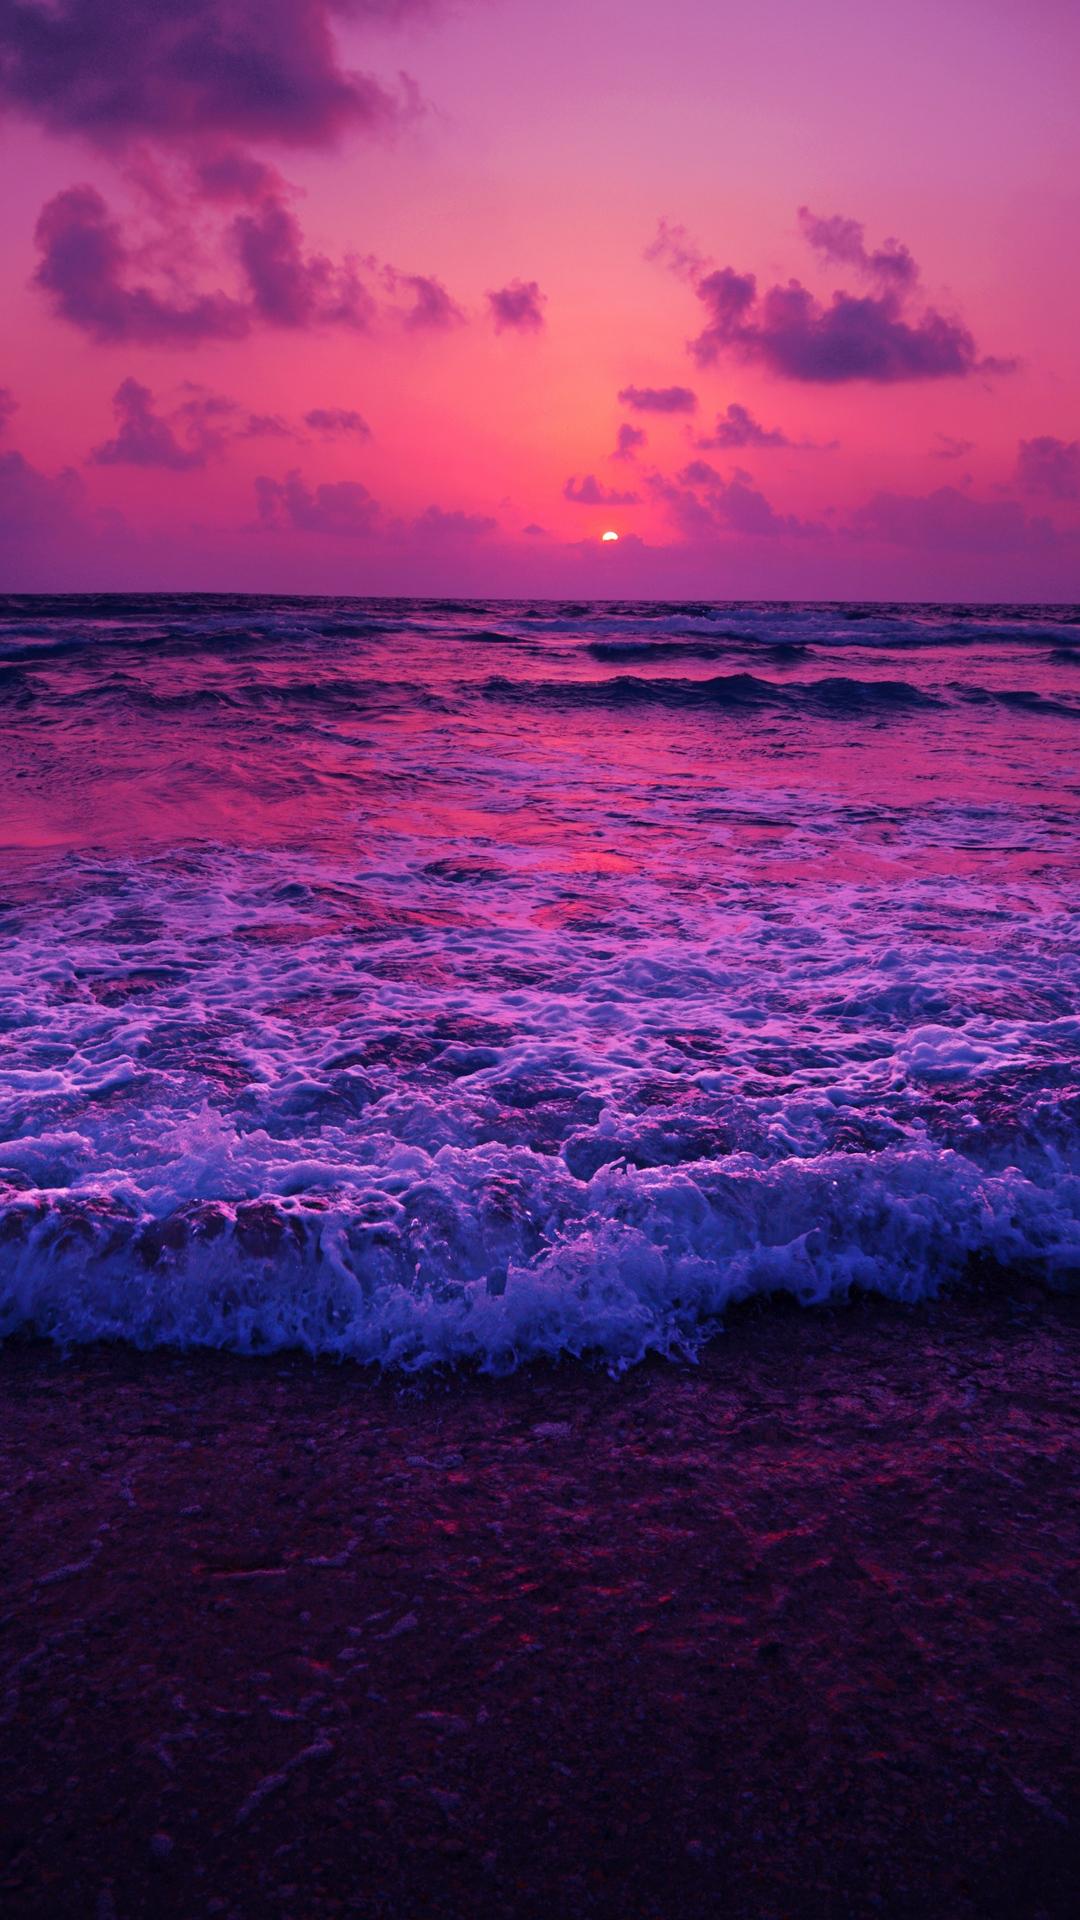 Download 510 Koleksi Wallpaper Sunset Gratis Terbaru